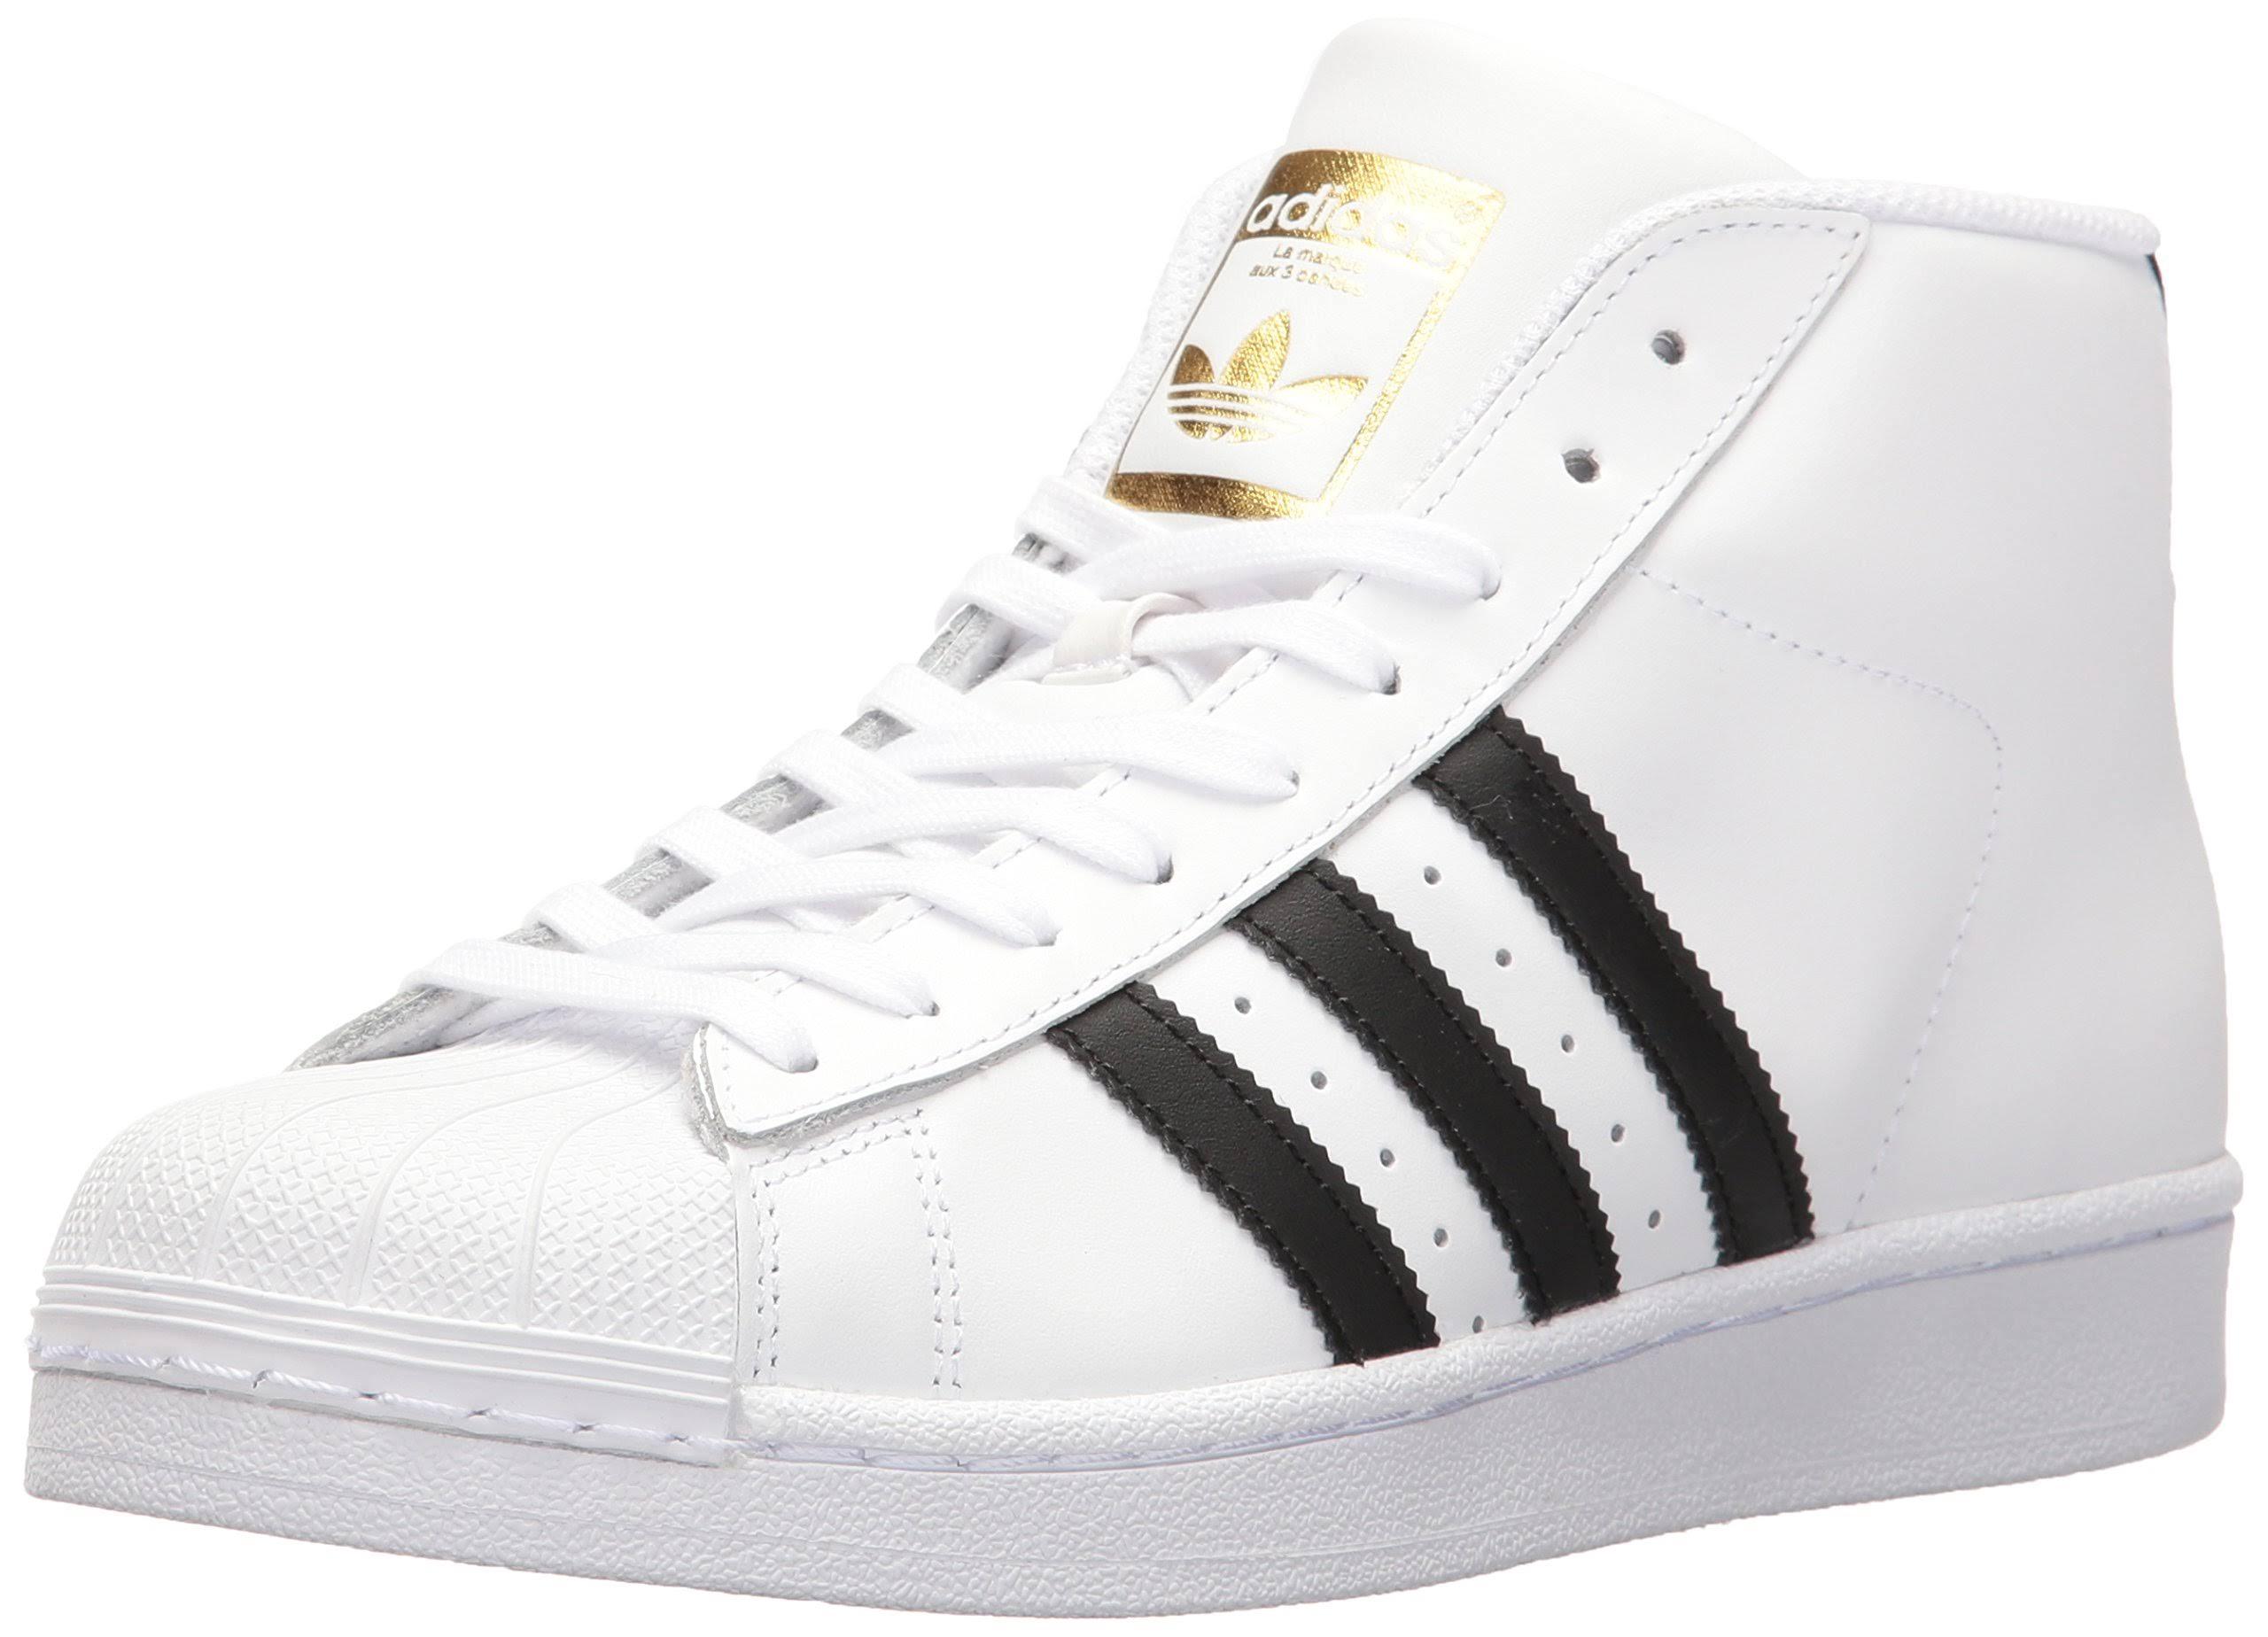 Adidas Originals Tamaño Promodel Mujer Para Baloncesto De By2776 5 Zapatillas 9 rrCwT7x